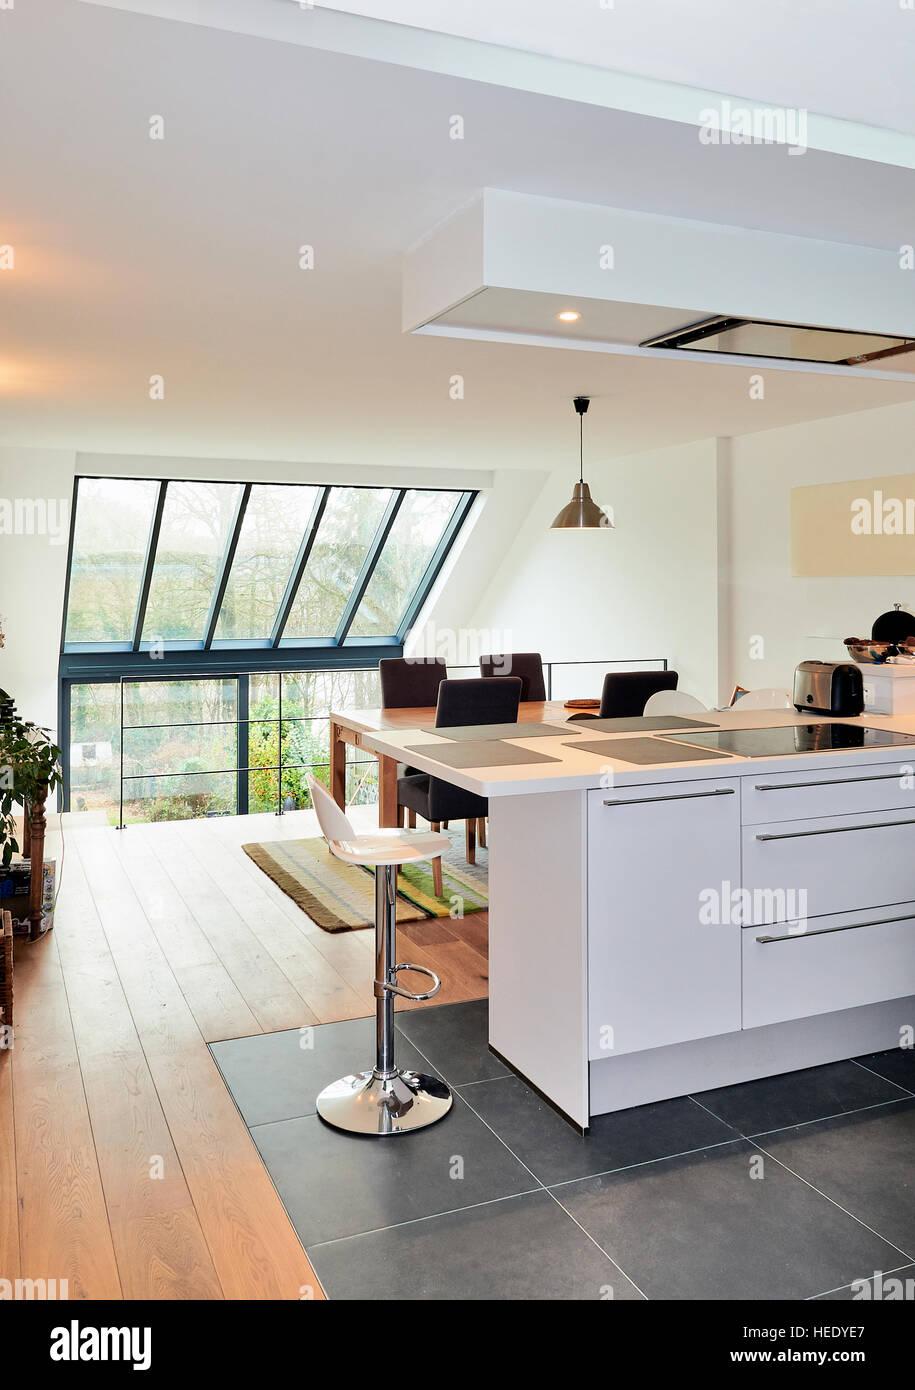 Moderne Offene Kuche In Renovierten Haus Mit Blick Auf Einen Uppigen